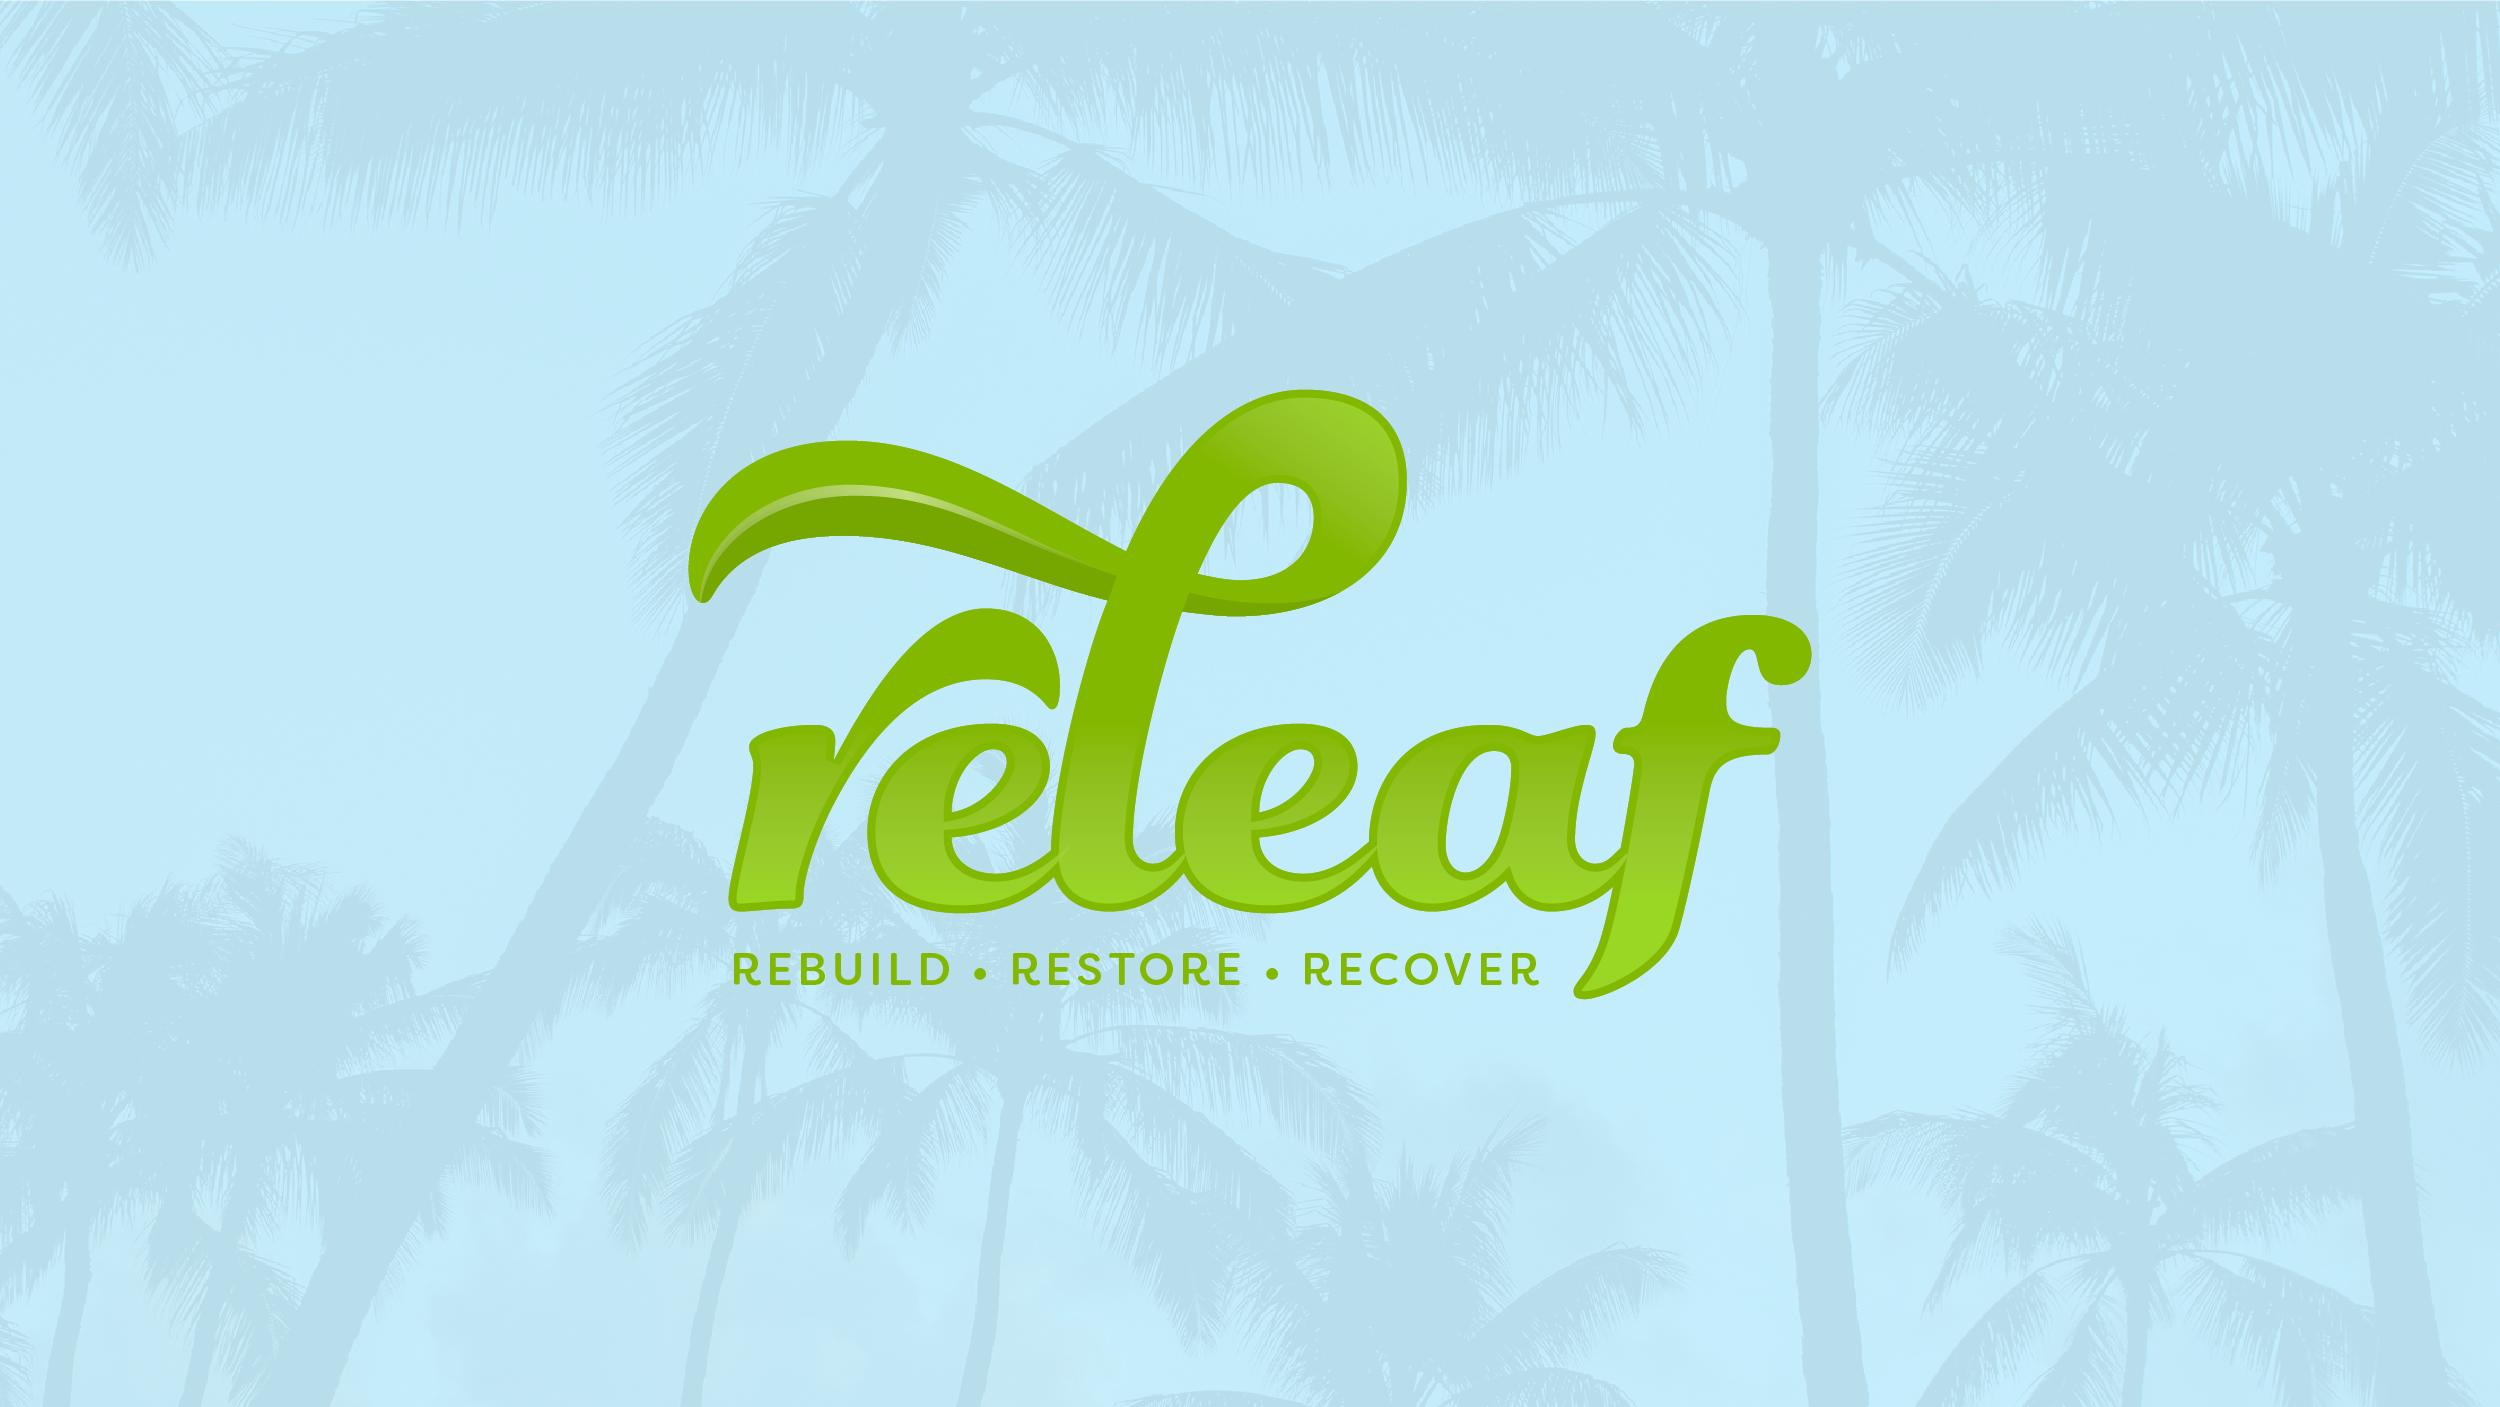 releaf-10.png